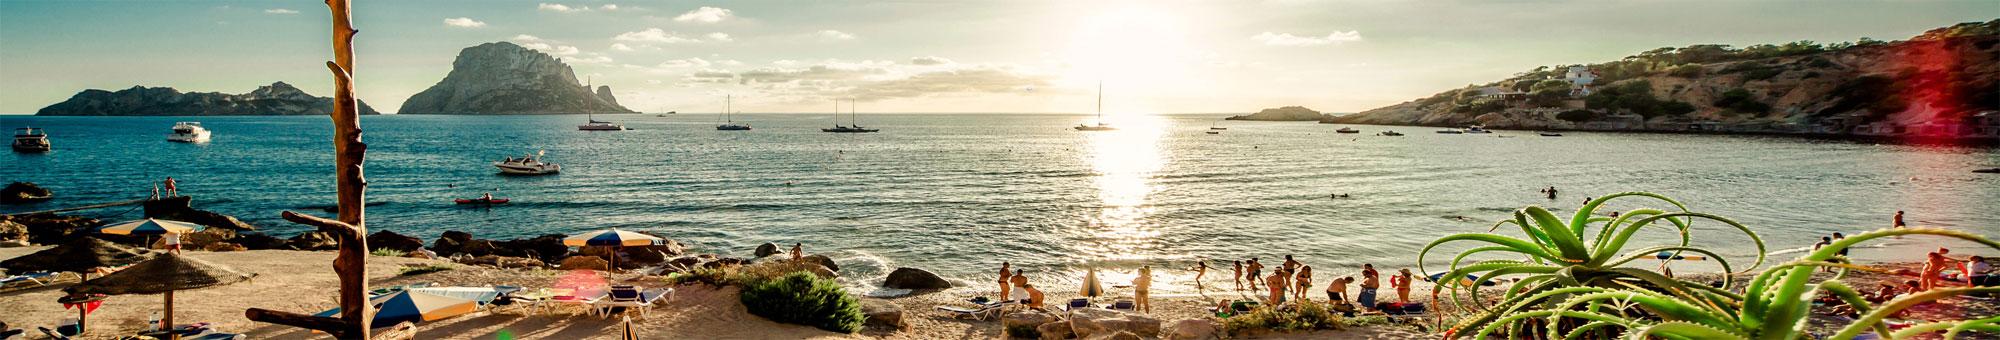 Imagen de la Cala d'Hort en Ibiza